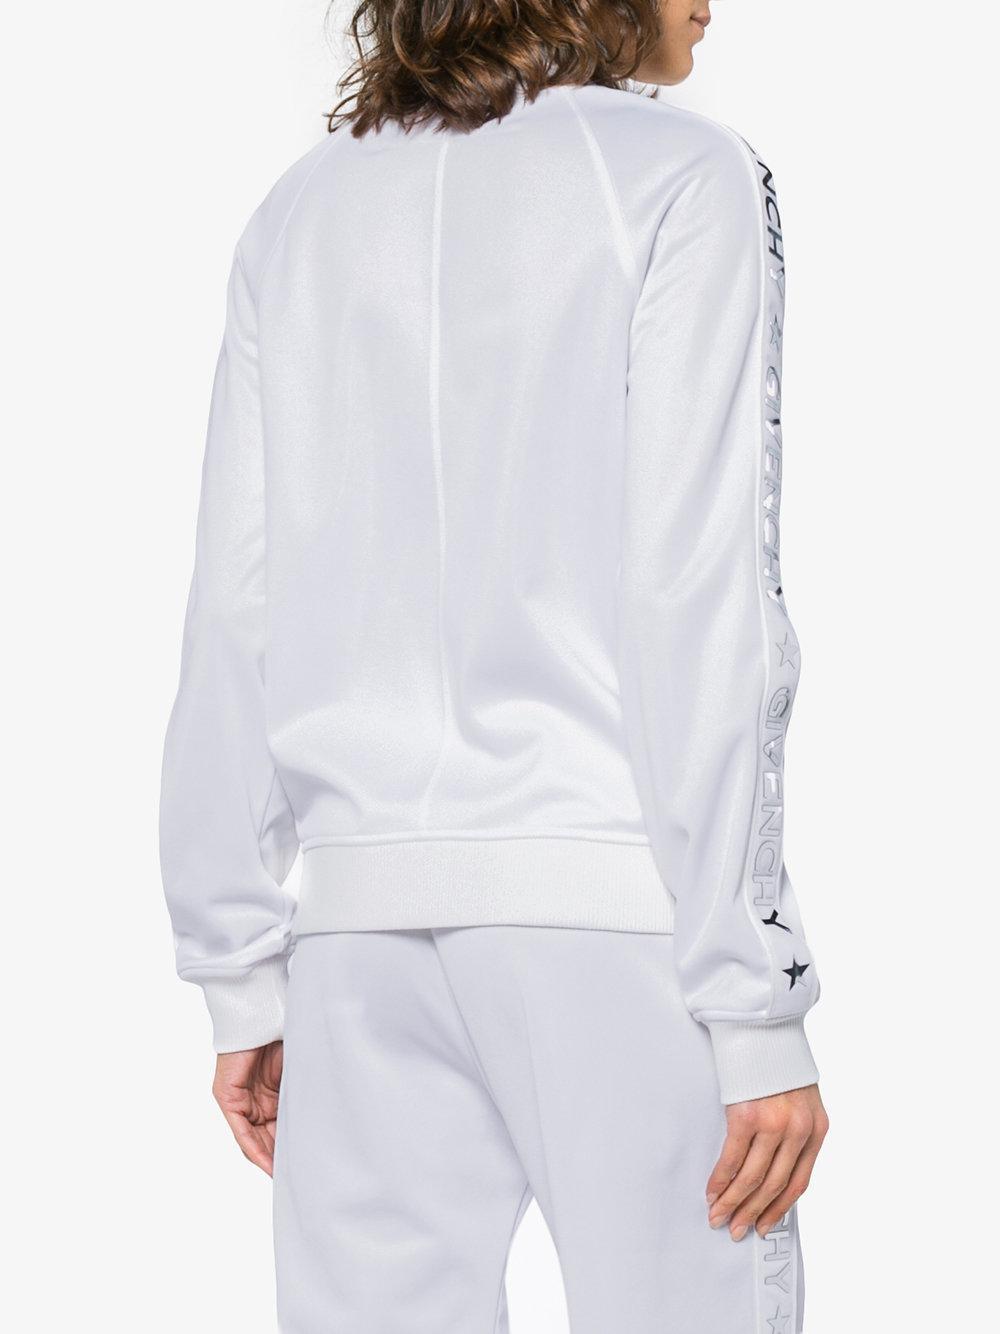 Écran Veste De À Afficher Lyst En Zippée Givenchy Jogging Bandes White Logo Plein Uw5qEwg7